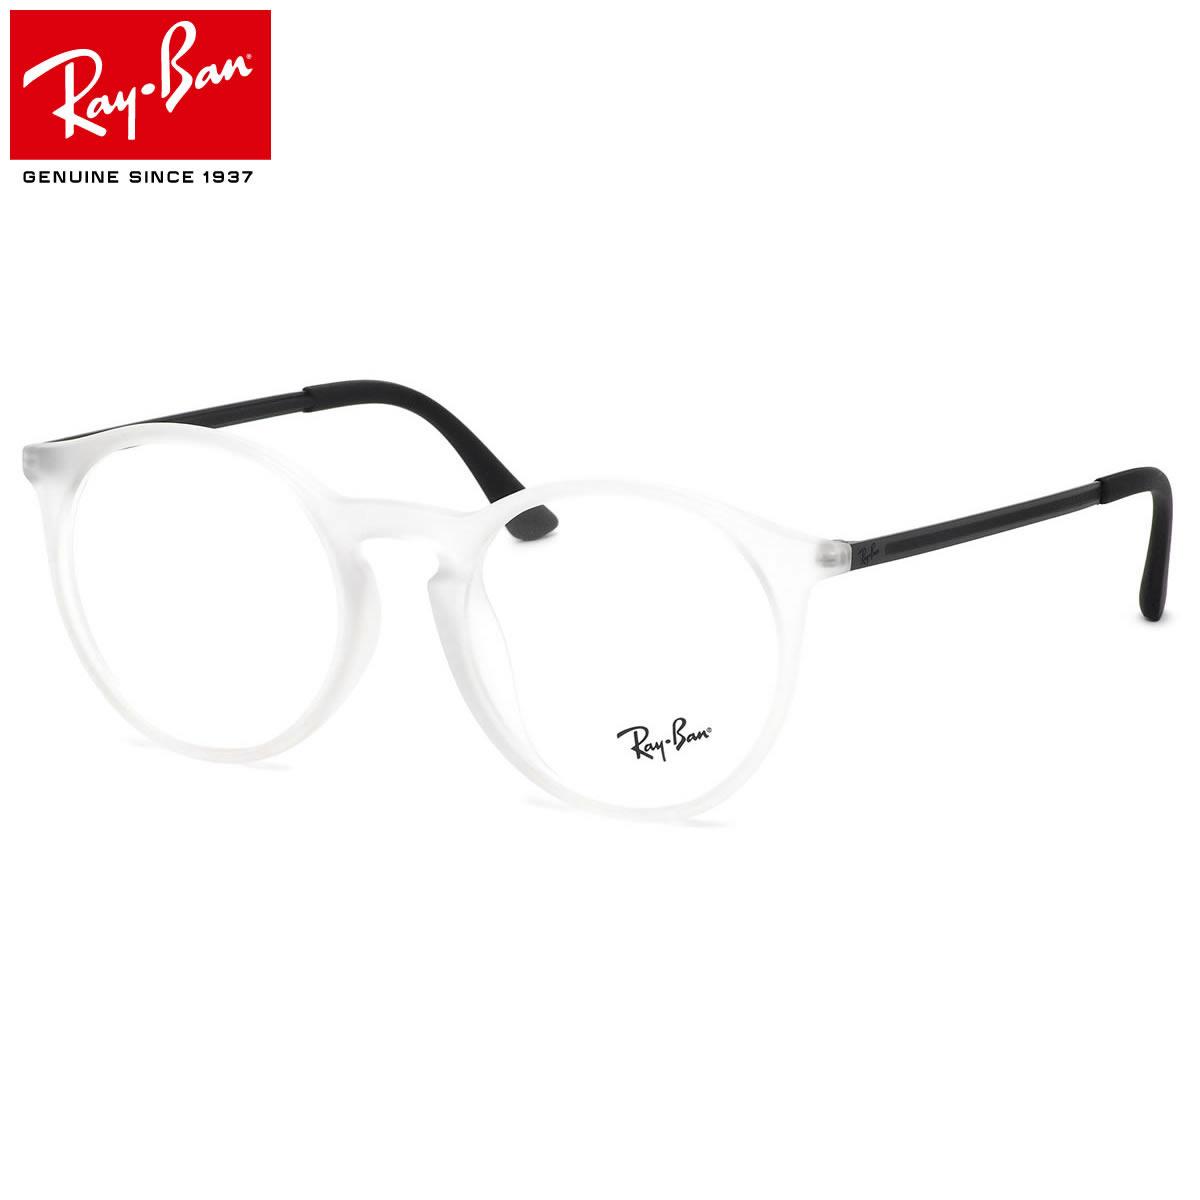 Ray-Ban レイバン メガネ RX7132F 5781 52サイズ トランスパレント transparent ラバートランスパレント ラウンド キーホールブリッジ レイバン RayBan メンズ レディース